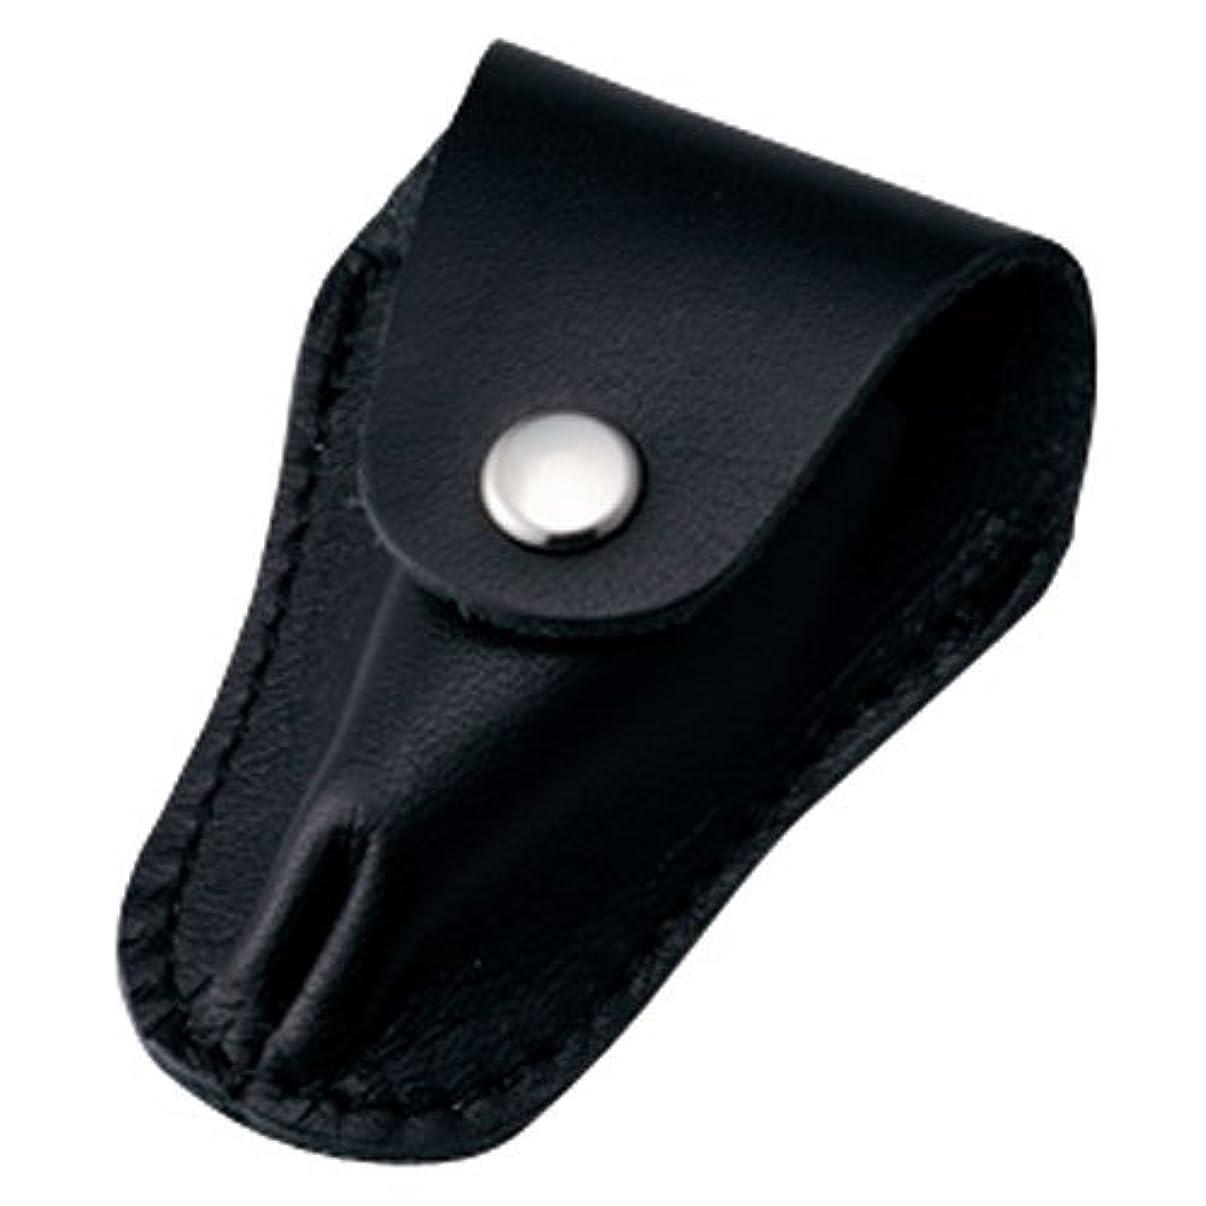 所得着る短くする内海 ニッパーキャップL ブラック 本革製のキューティクルニッパー用刃先カバー